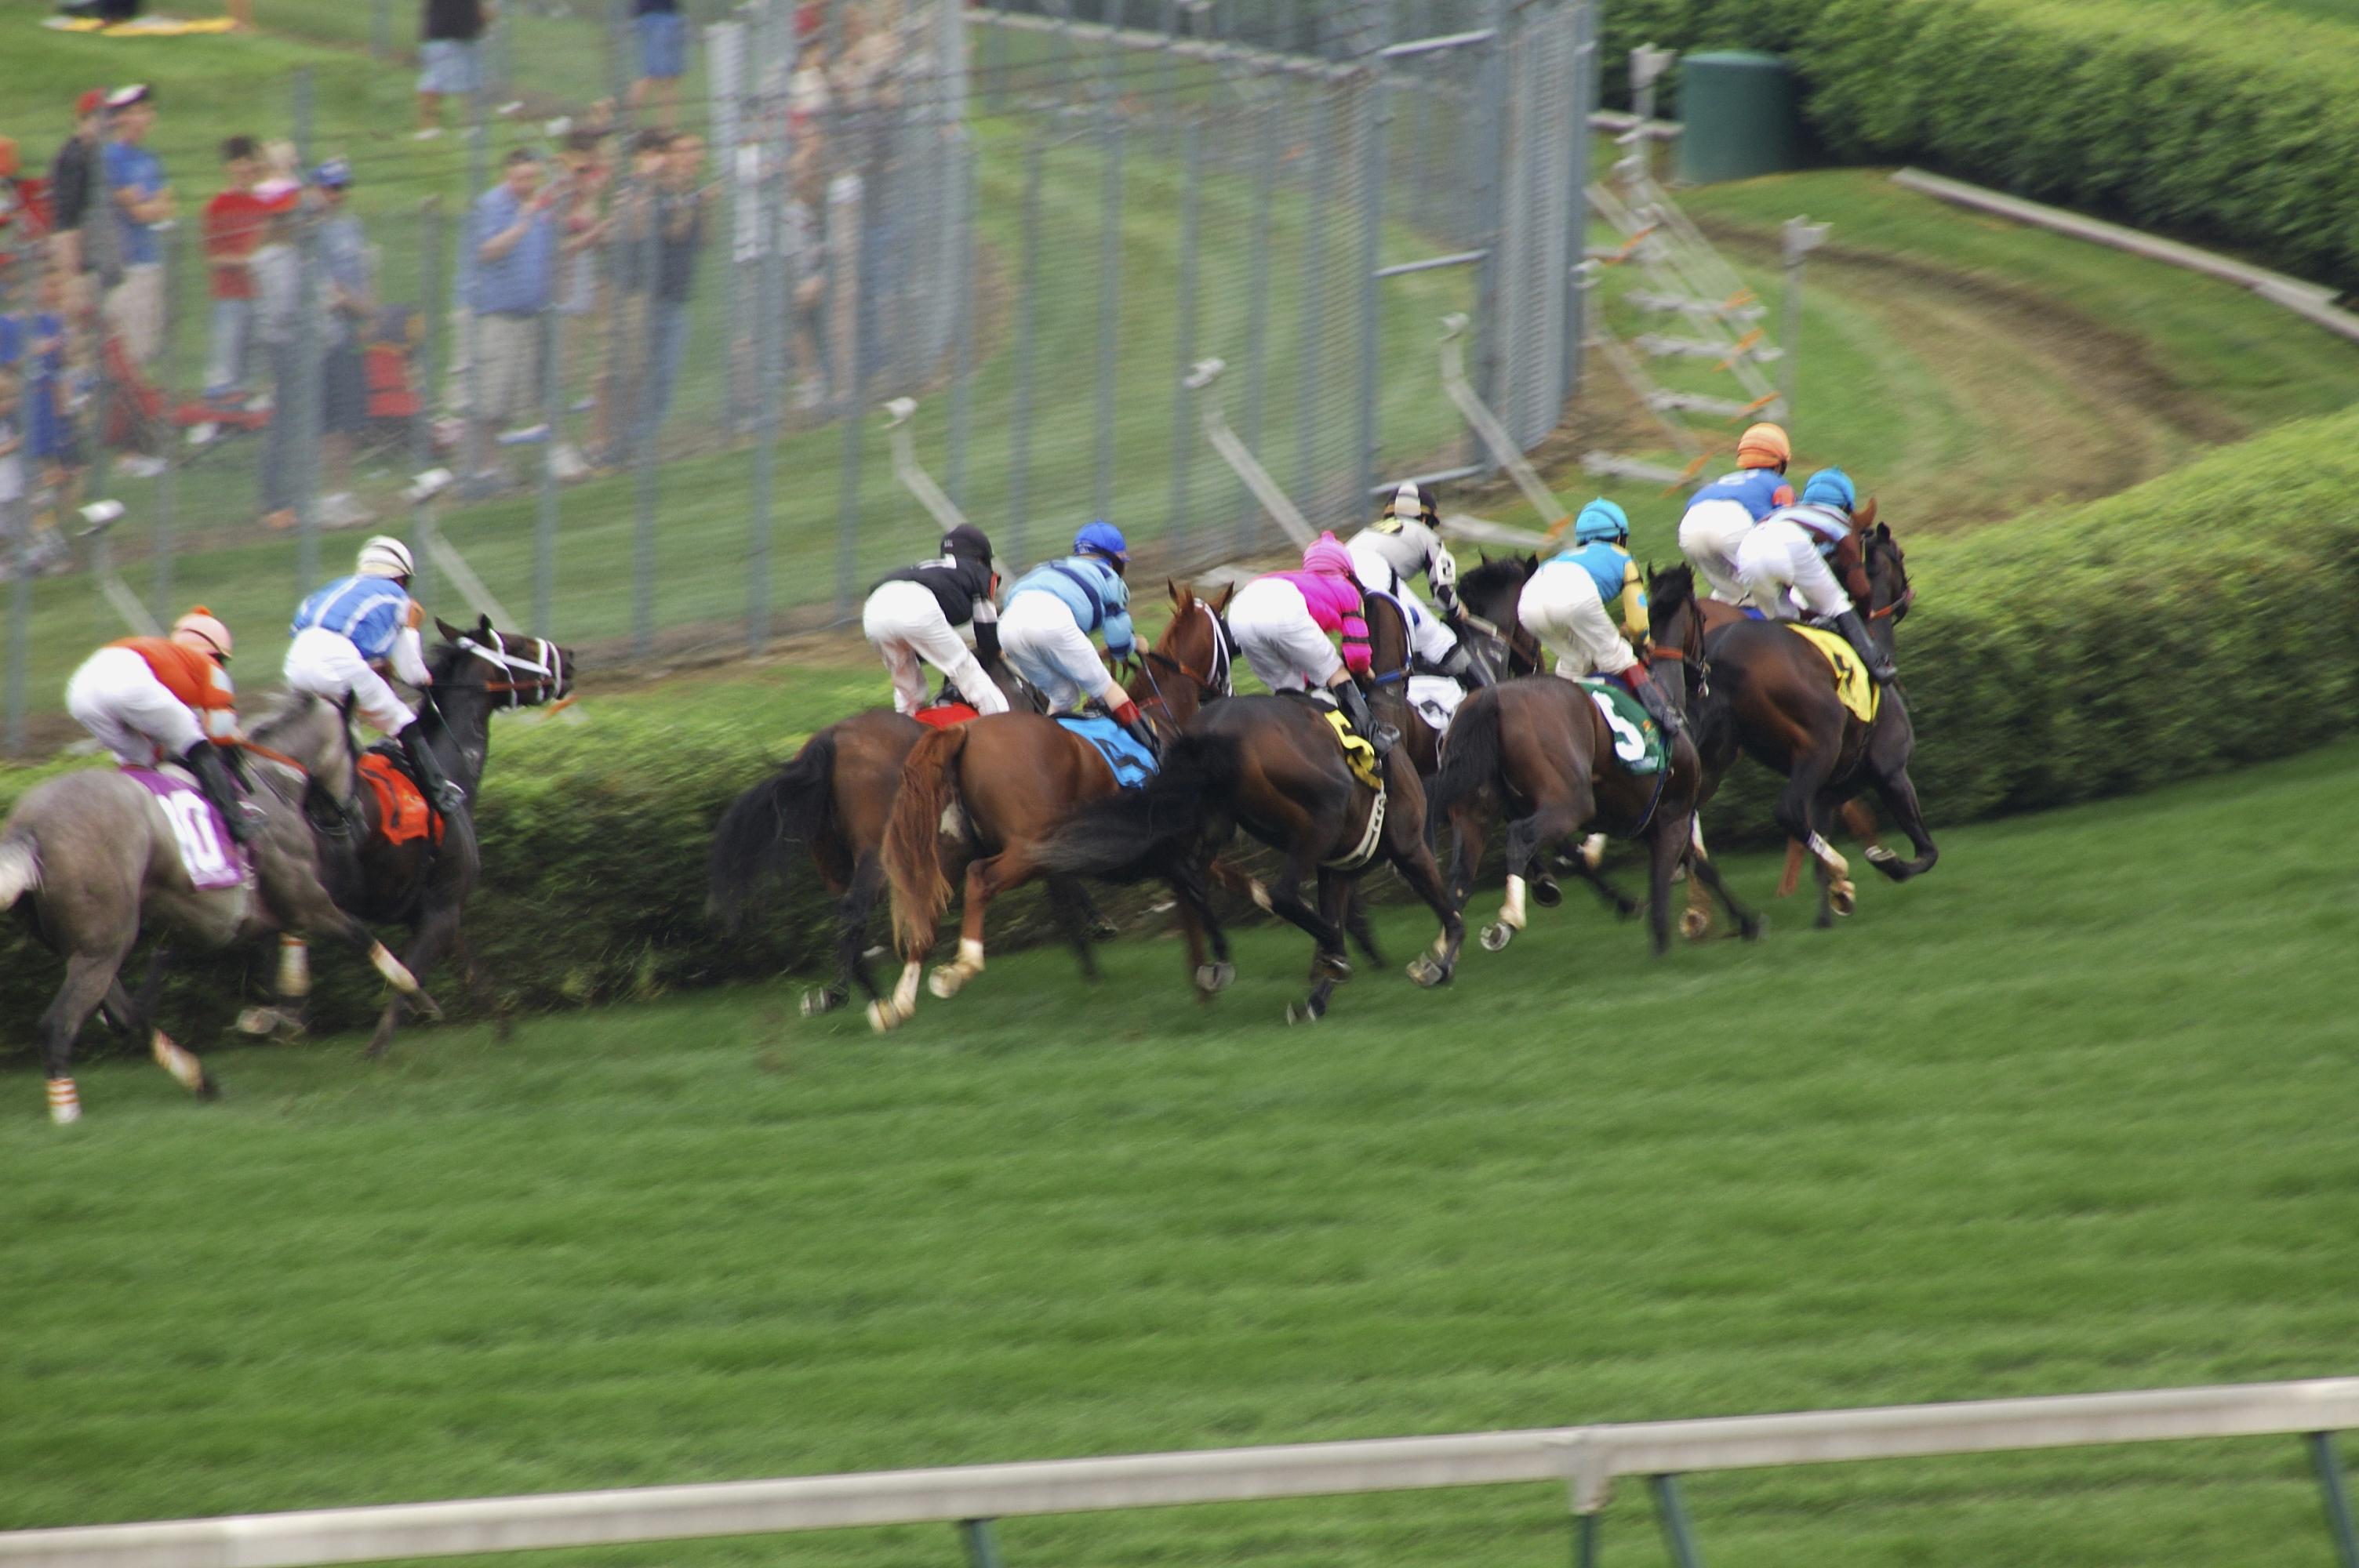 Horseracing in Kentucky